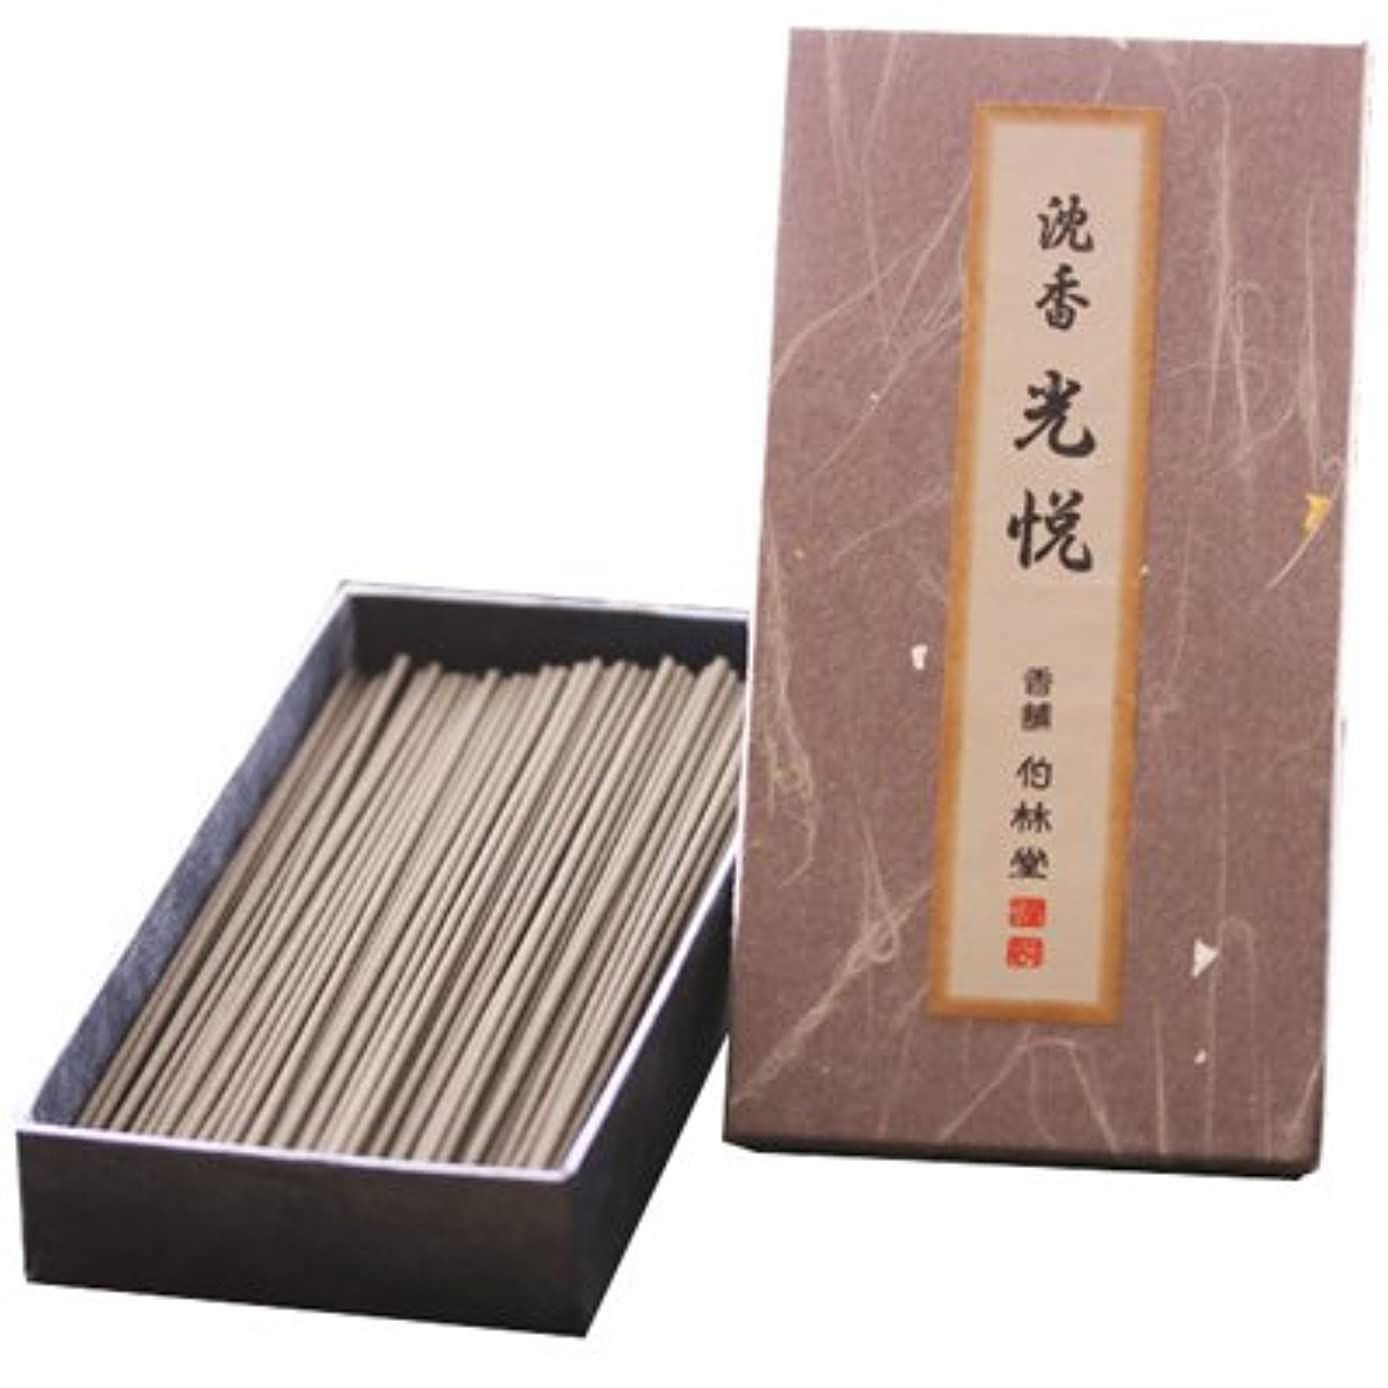 薬を飲む感度電気陽性沈香光悦(小箱) お線香